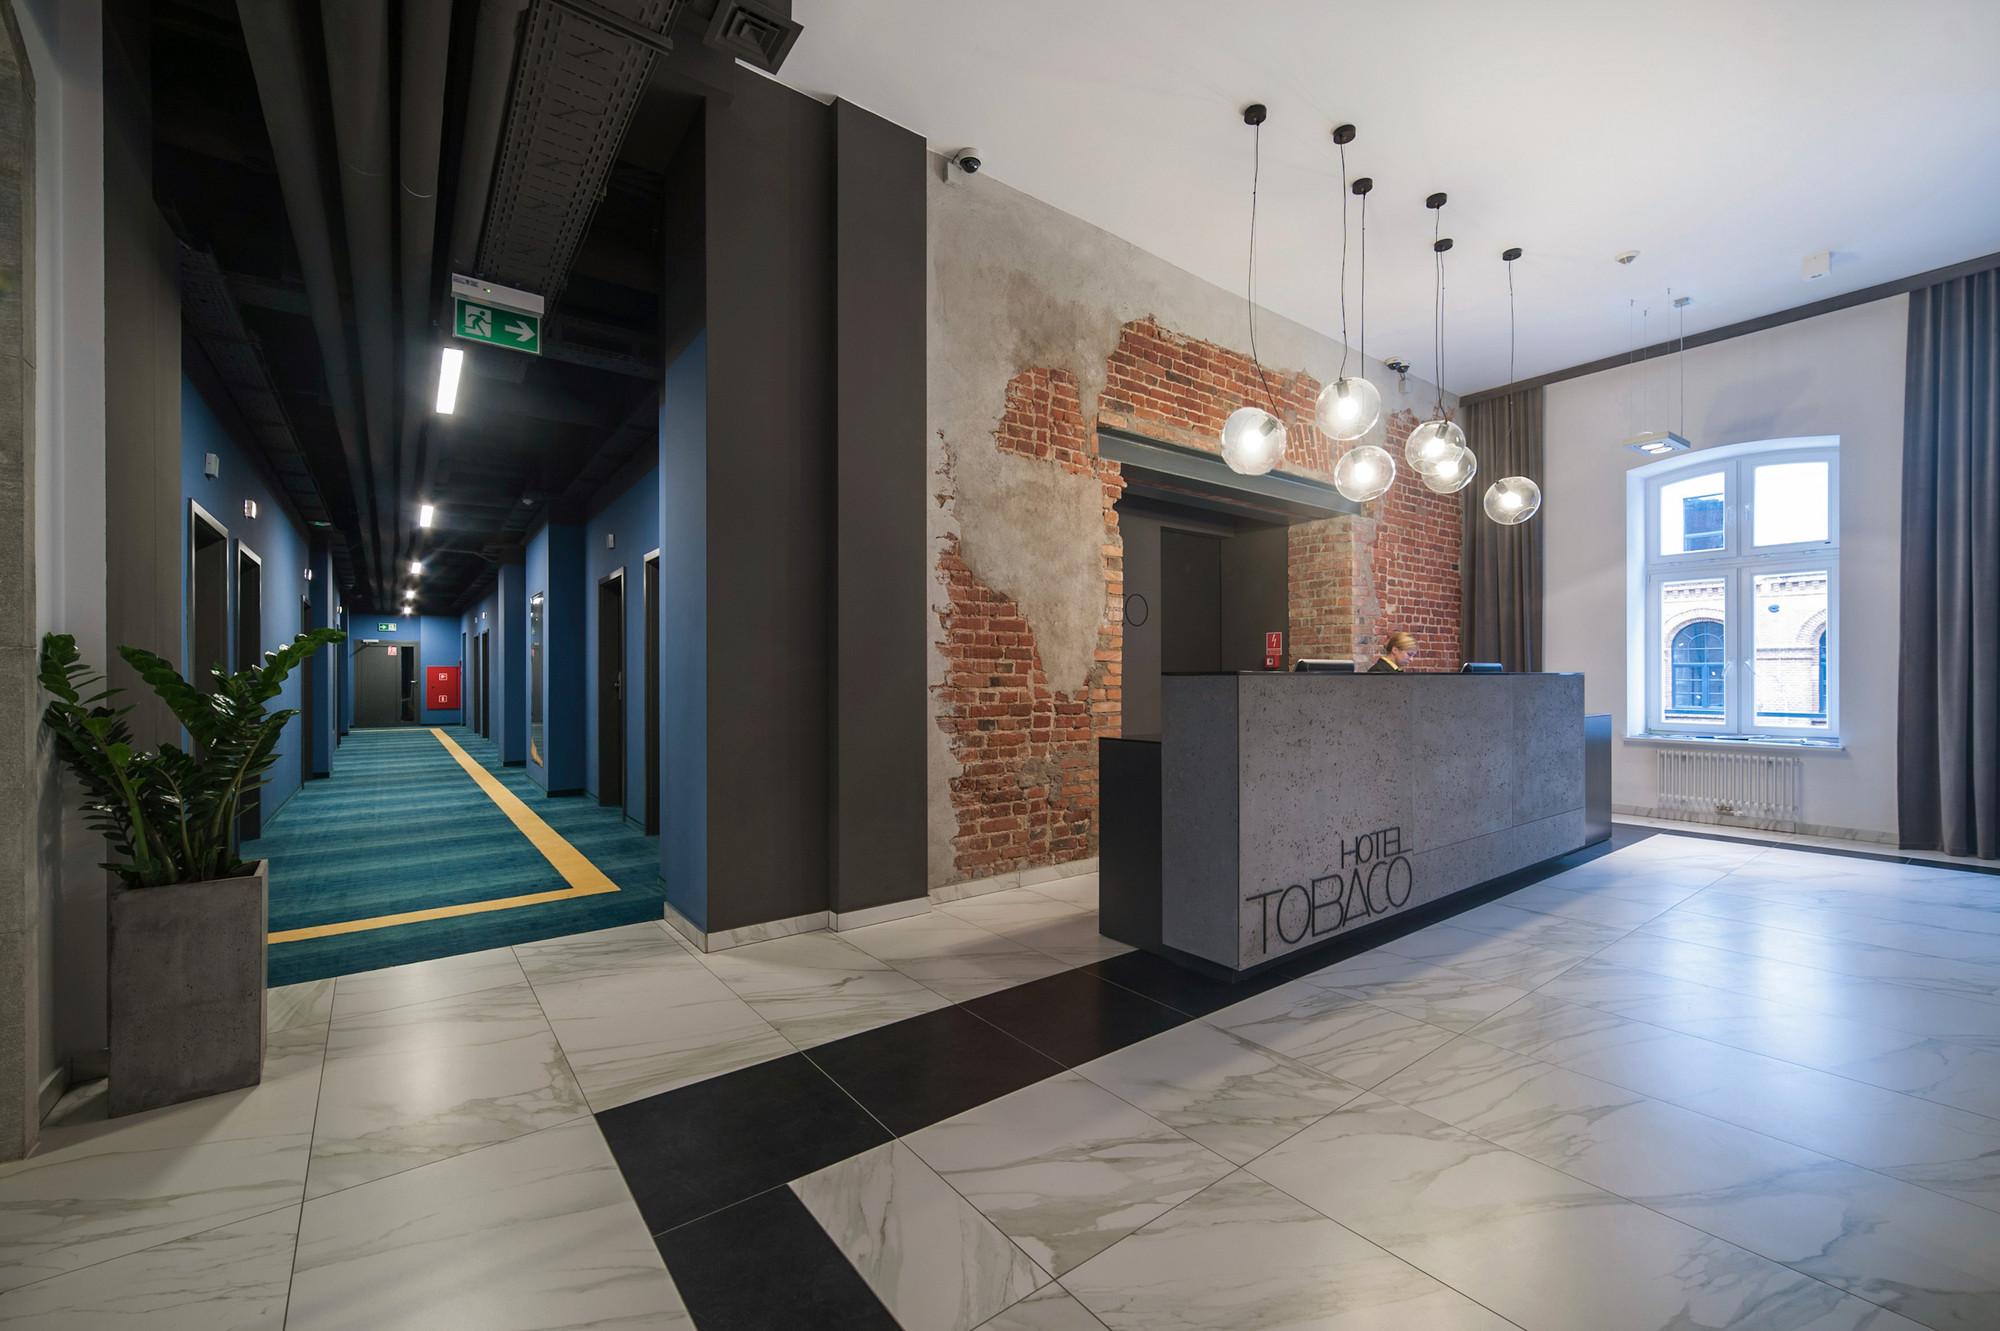 Tobaco Hotel / EC-5, © Michał Mazurowicz